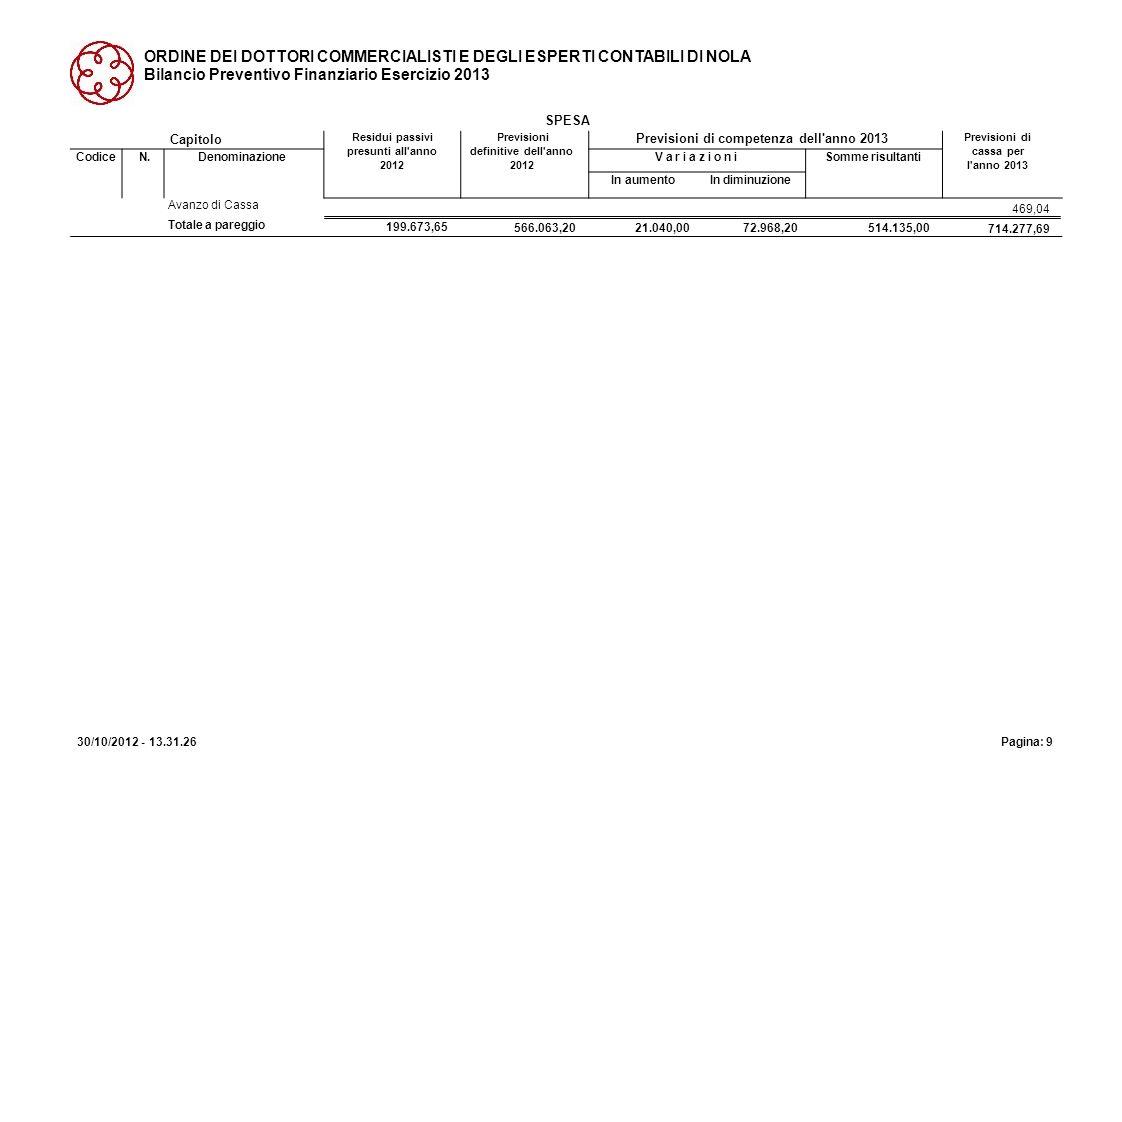 ORDINE DEI DOTTORI COMMERCIALISTI E DEGLI ESPERTI CONTABILI DI NOLA Bilancio Preventivo Finanziario Esercizio 2013 SPESA Avanzo di Cassa 469,04 Totale